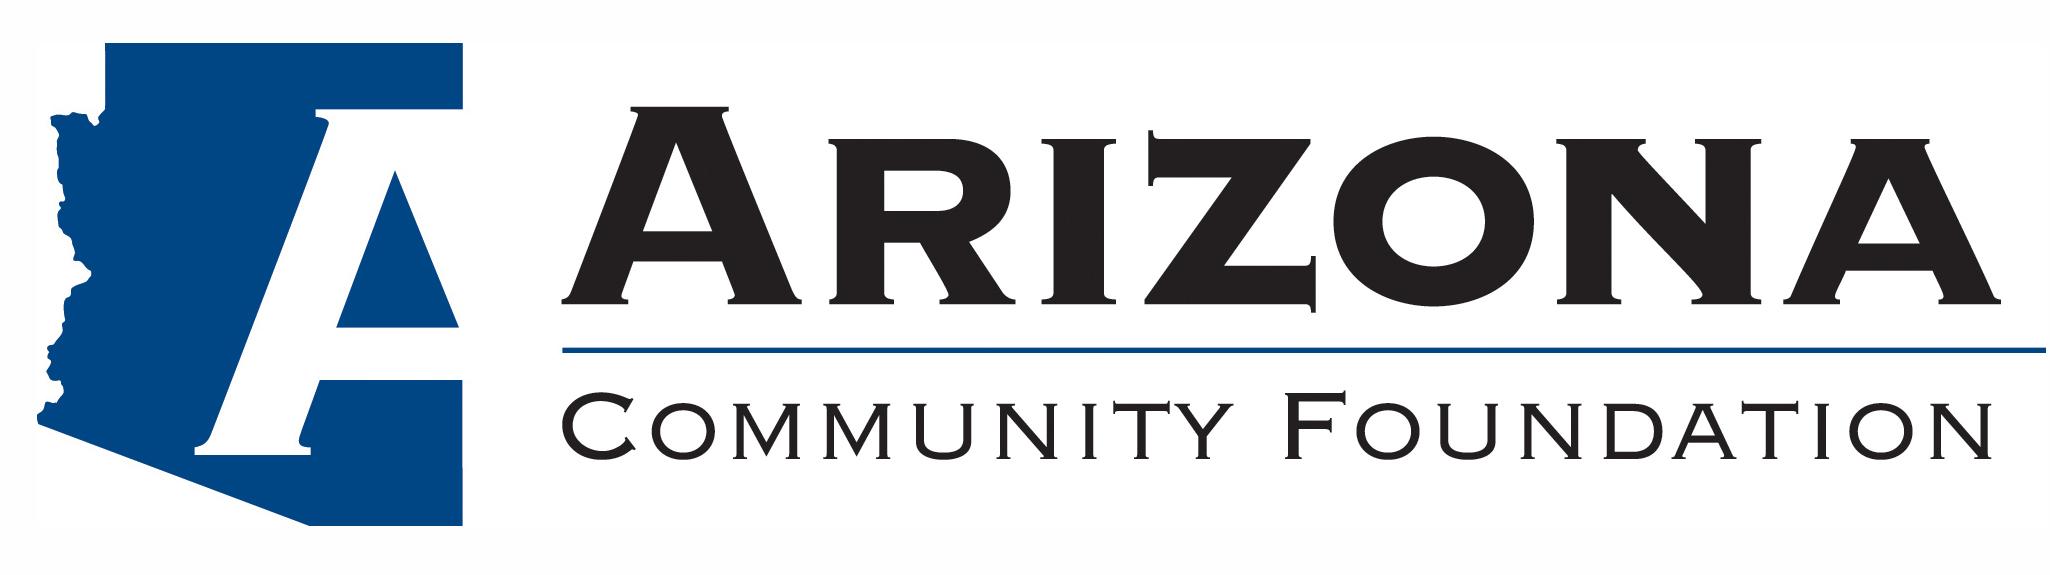 az-community-foundation.jpg